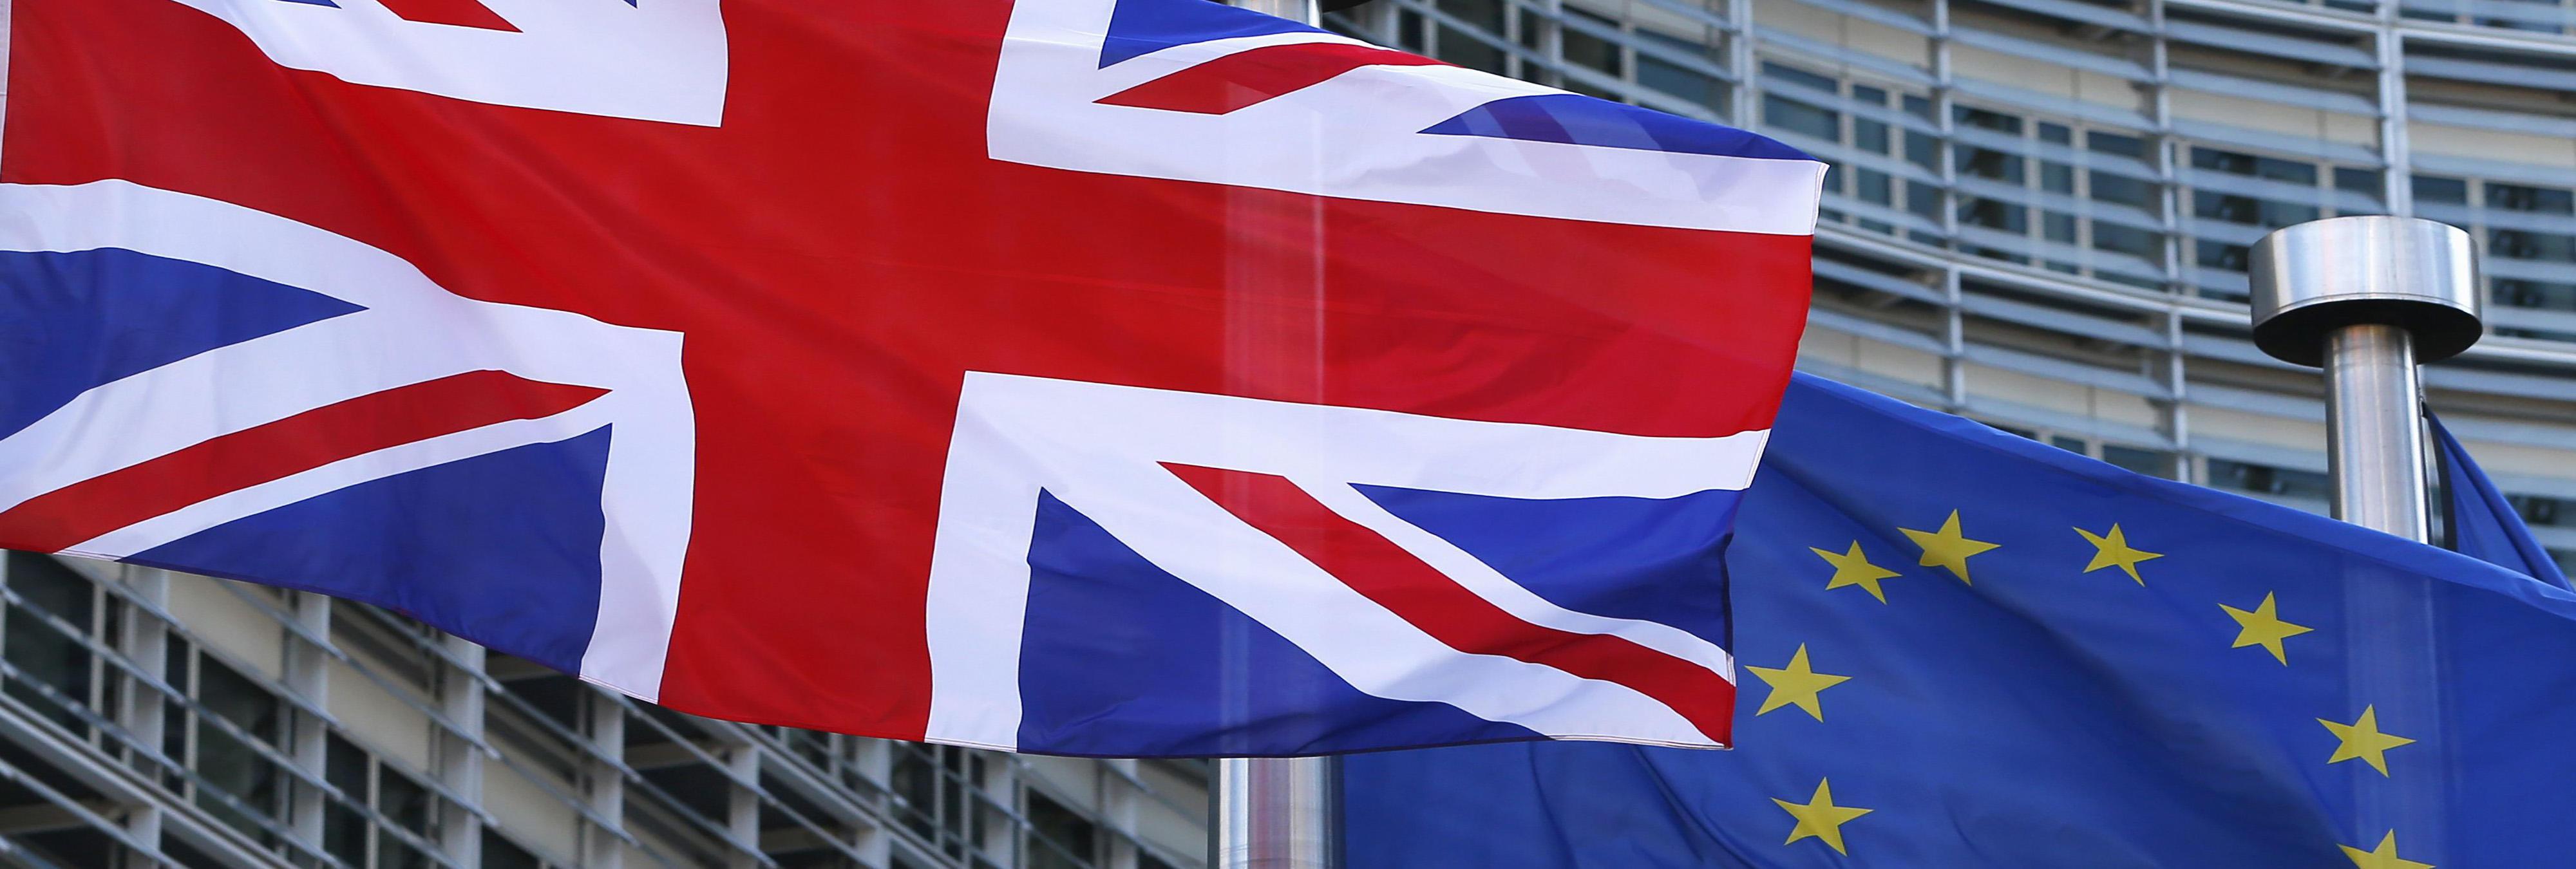 Más de 4 millones de personas firman a favor de una segunda convocatoria sobre el Brexit